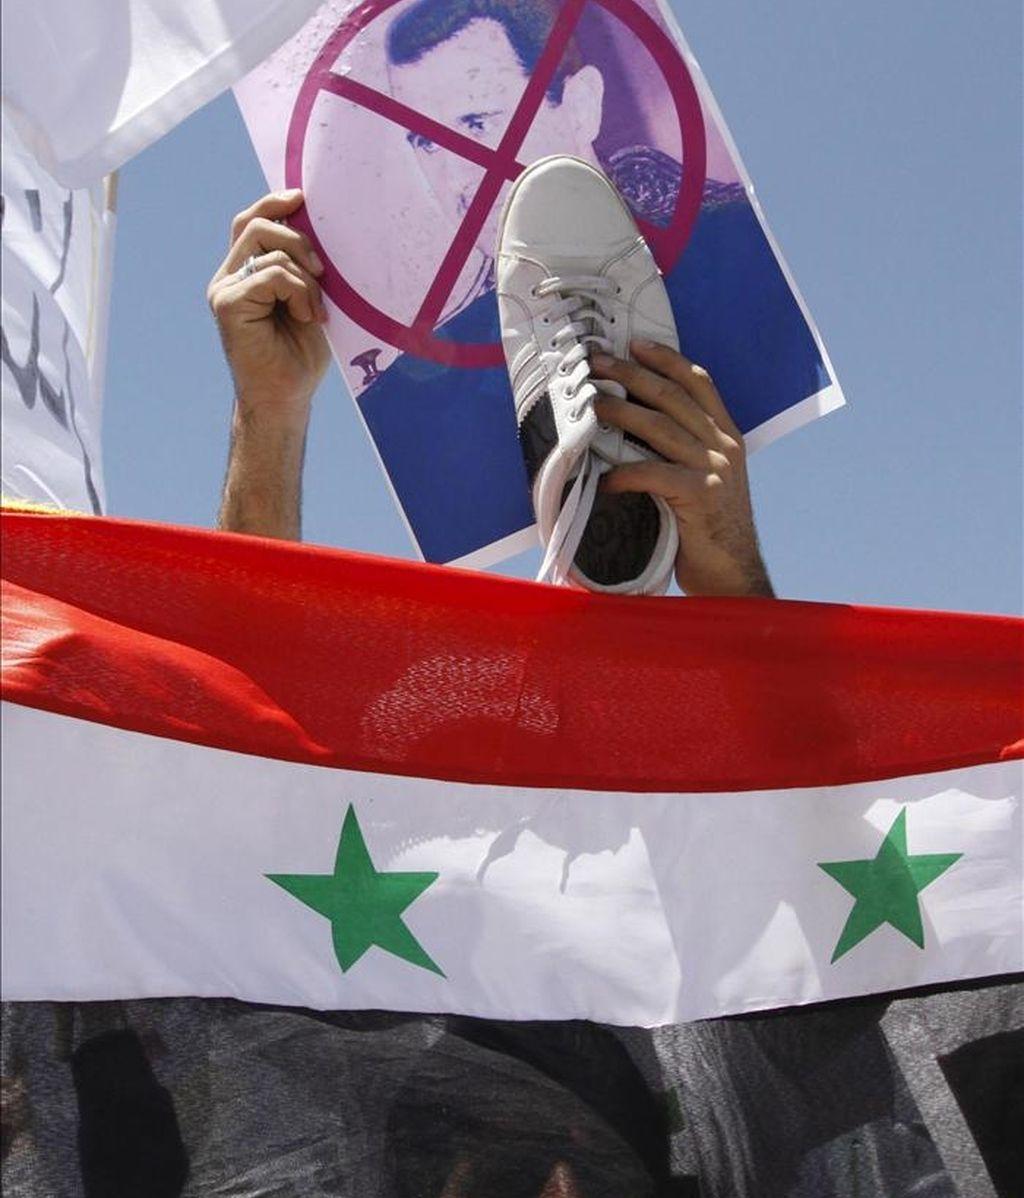 Un sirio residente en Jordania sostiene un retrato del presidente de Siria, Bachar al Asad, y un zapato sobre la bandera nacional durante una manifestación frente a la embajada siria en Amán hoy. EFE